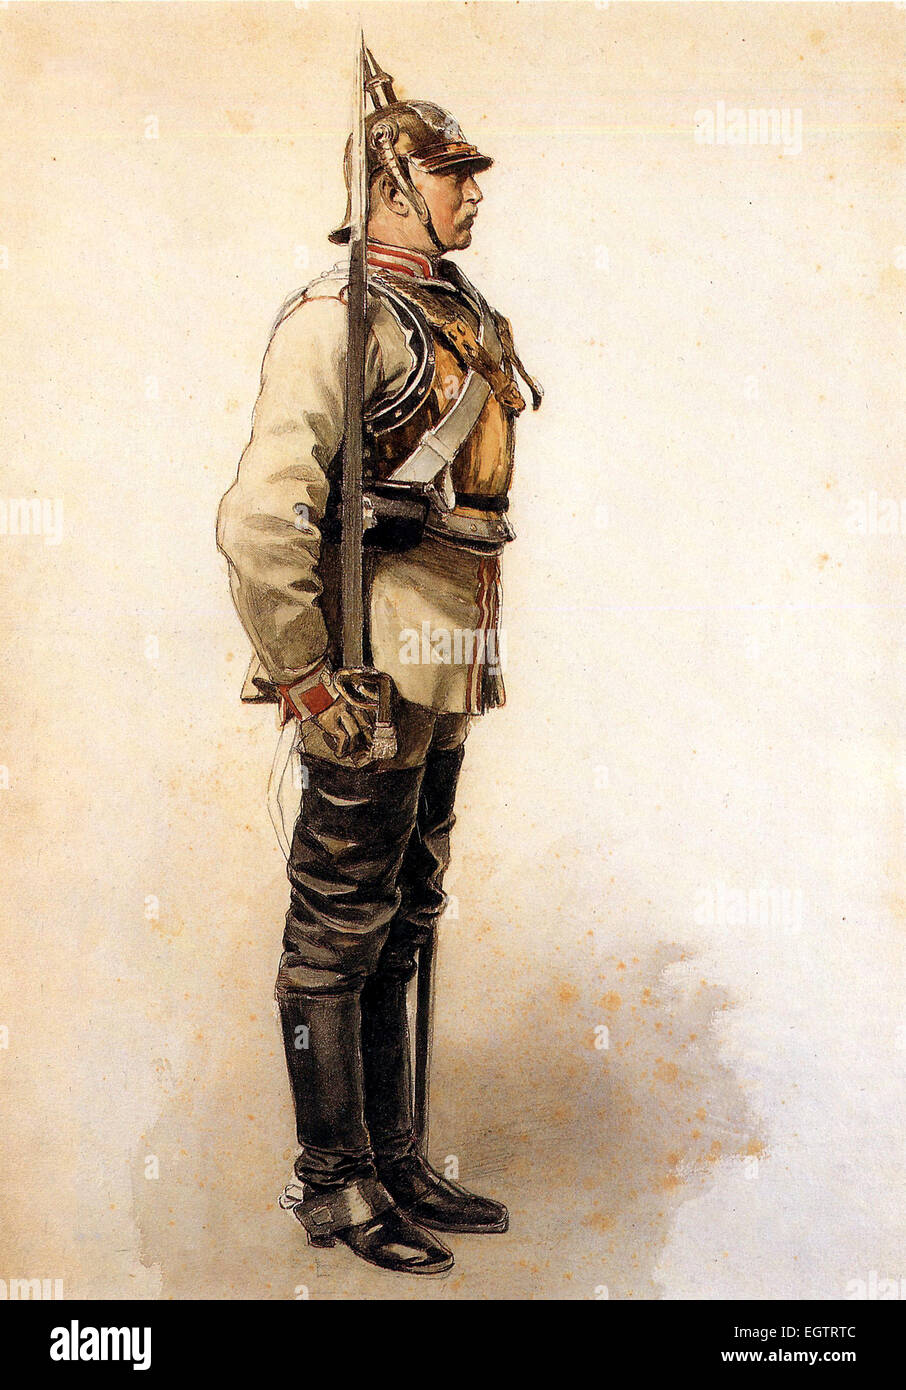 Preußischen Garde du Corps Kürassier während der Franco-Preussischer Krieg. Stockbild